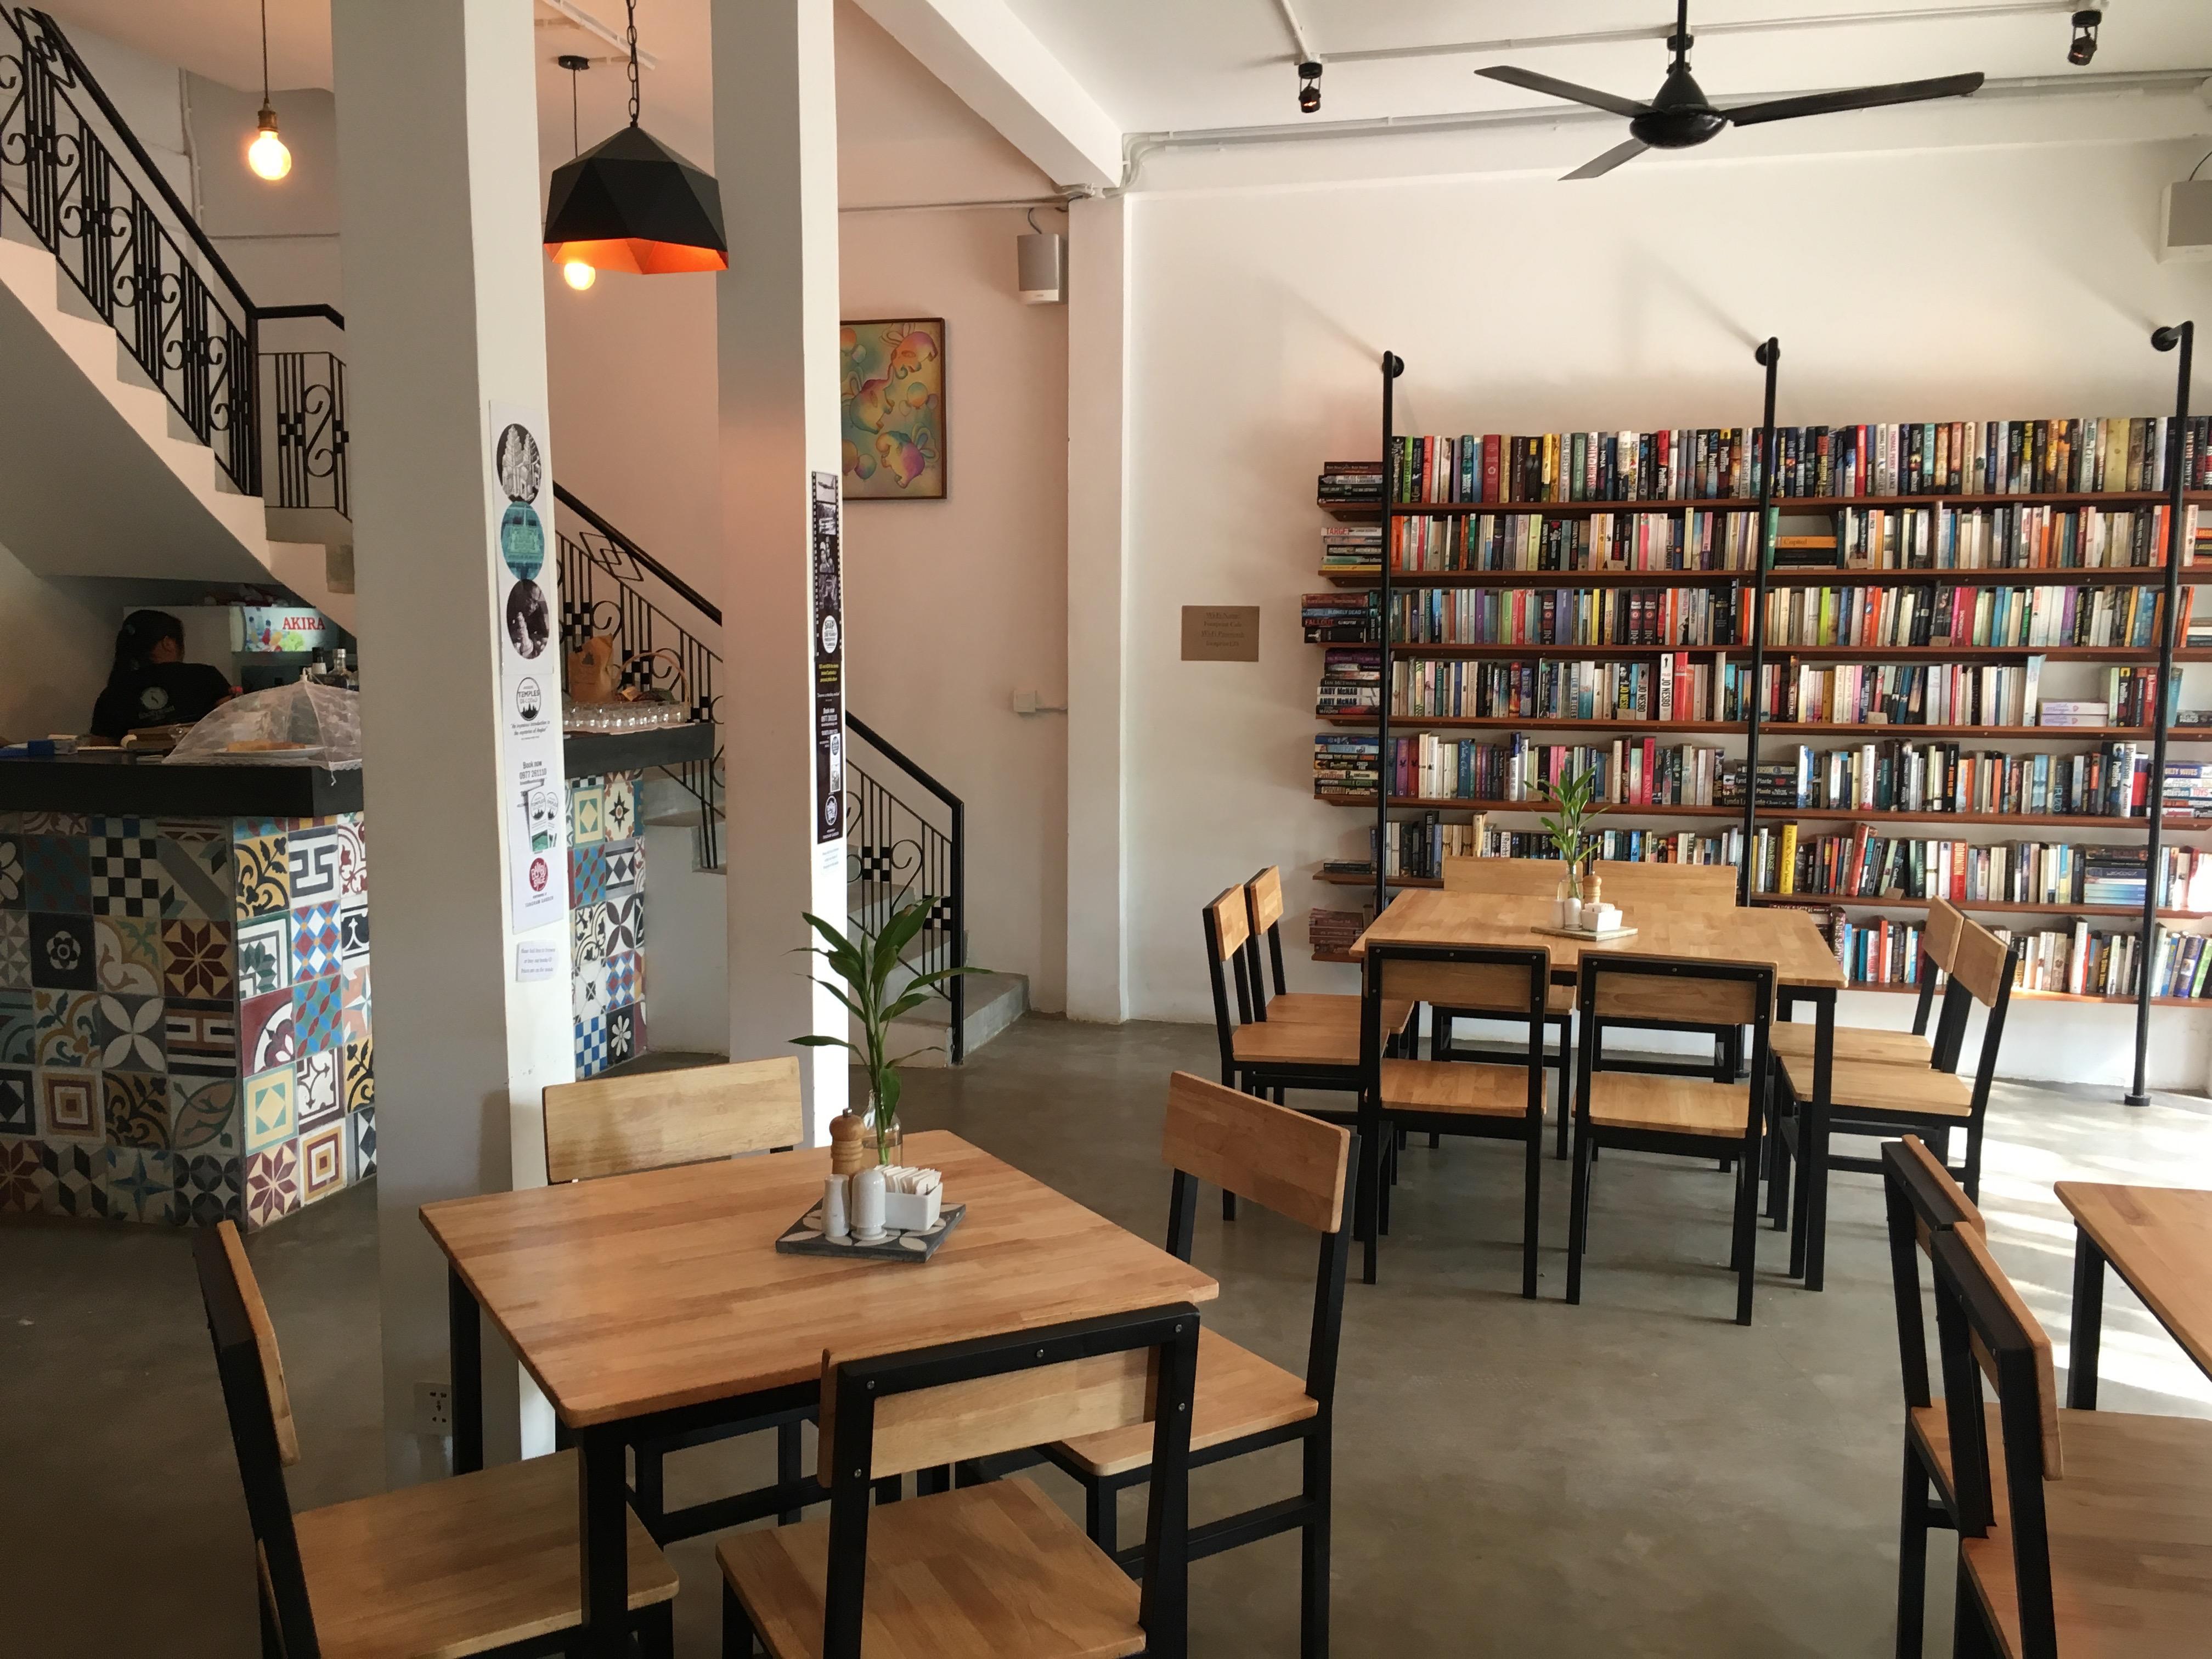 Hvis du besøker Siem Reap, bør du definitivt besøke Fooprint Cafe. Her kan du også kjøpe brukte bøker, noe jeg naturligvis elsker :D